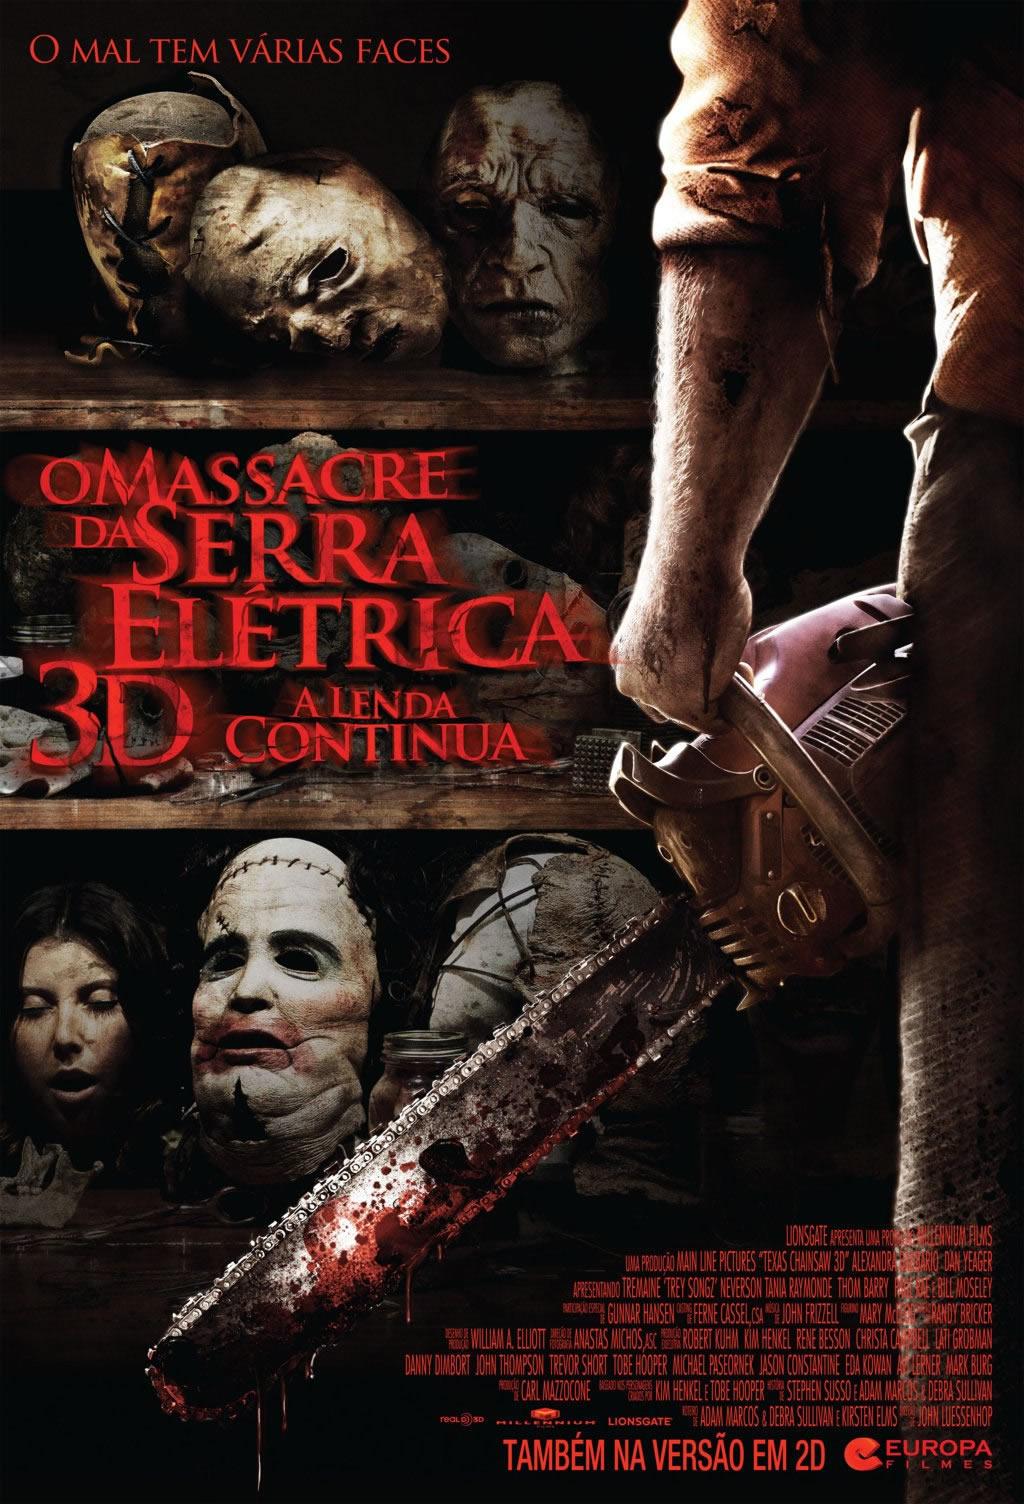 http://omelete.uol.com.br/images/galerias/massacre-da-serra-eletrica-3d//massacre-da-serra-eletrica-3d-poster-nacional.jpg